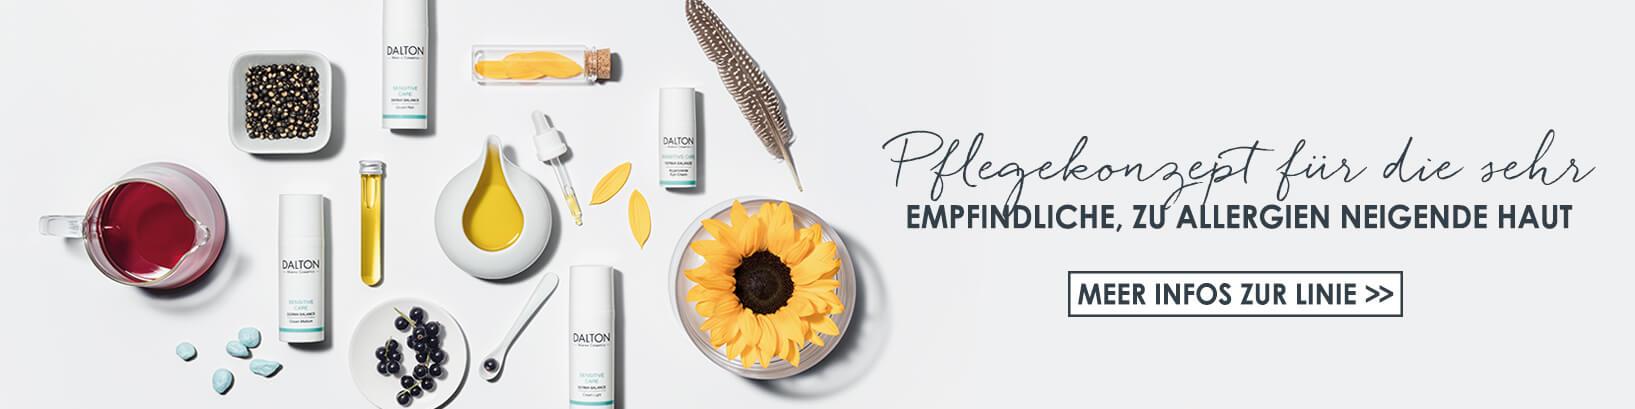 Produkte für empfindliche Haut